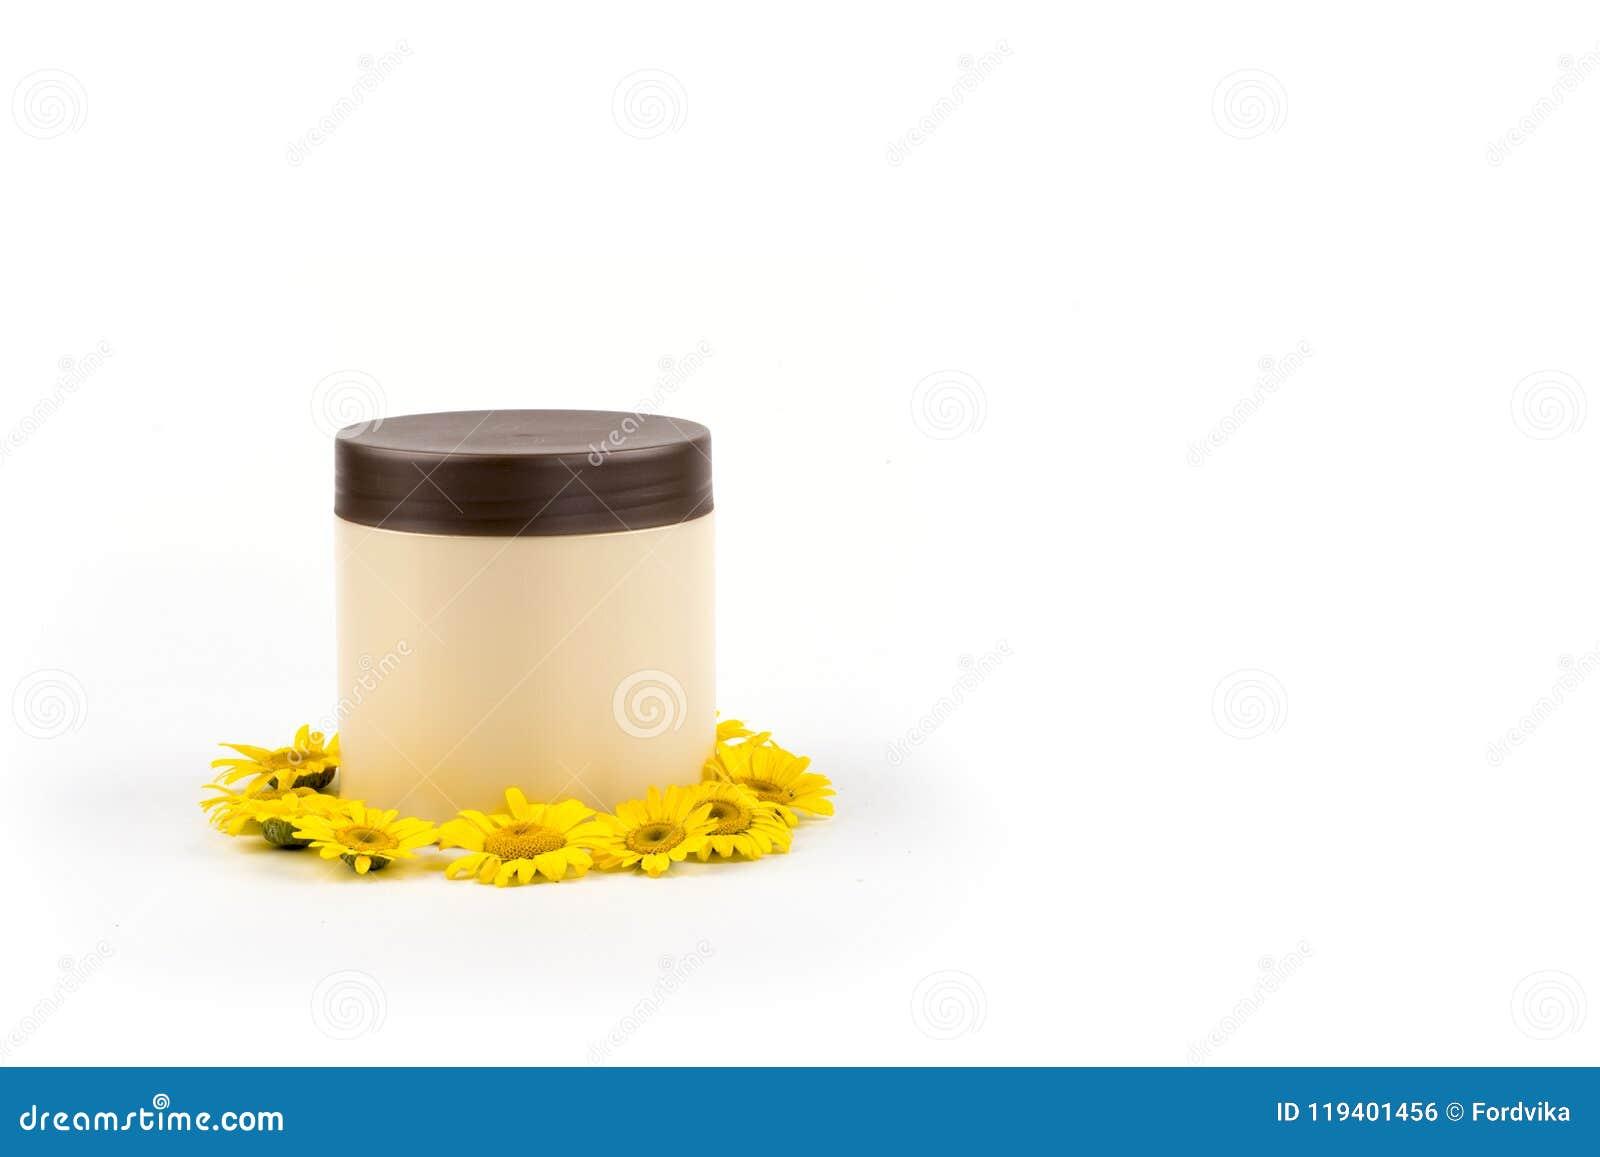 Beige kruik met bruin deksel, mocap voor room, balsem, masker en kleine gele madeliefjes op een witte achtergrond